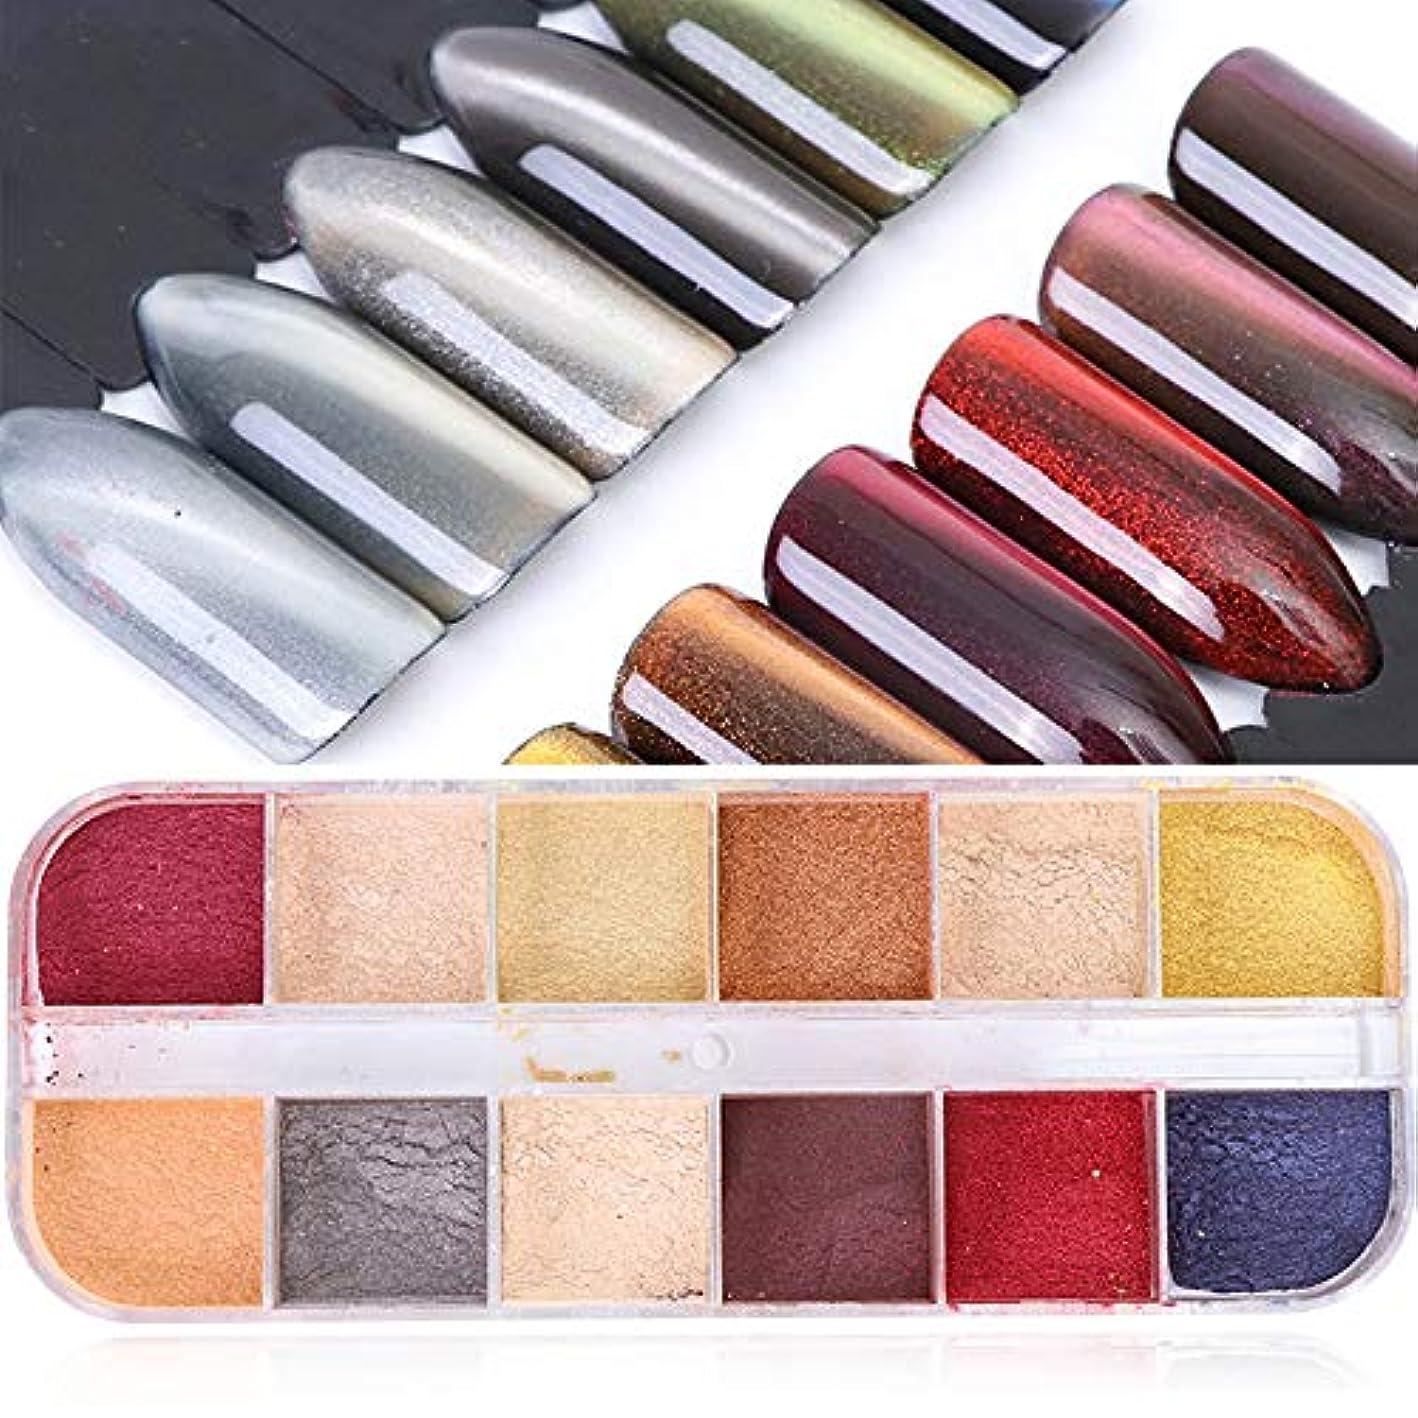 ビジネスネックレスノイズ12色ミックス3Dキャットアイ磁気パウダーネイルアートクロームレーザーキラキラダストUVジェルマニキュアDIYネイルアート装飾セット